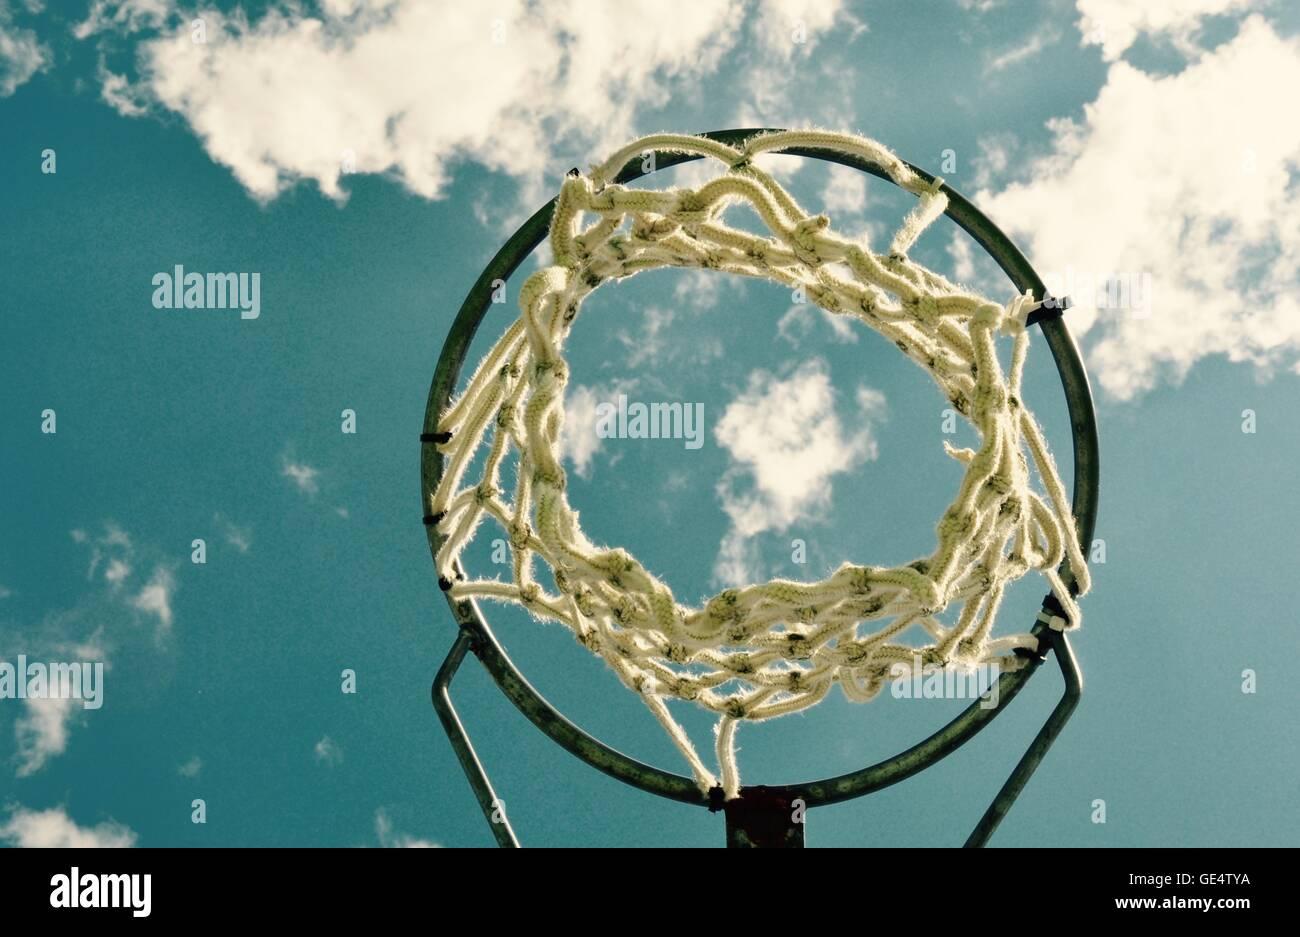 Prospettiva astratta di un cerchio di netball con net contro un cielo blu e Sfondo nuvola. Immagini Stock